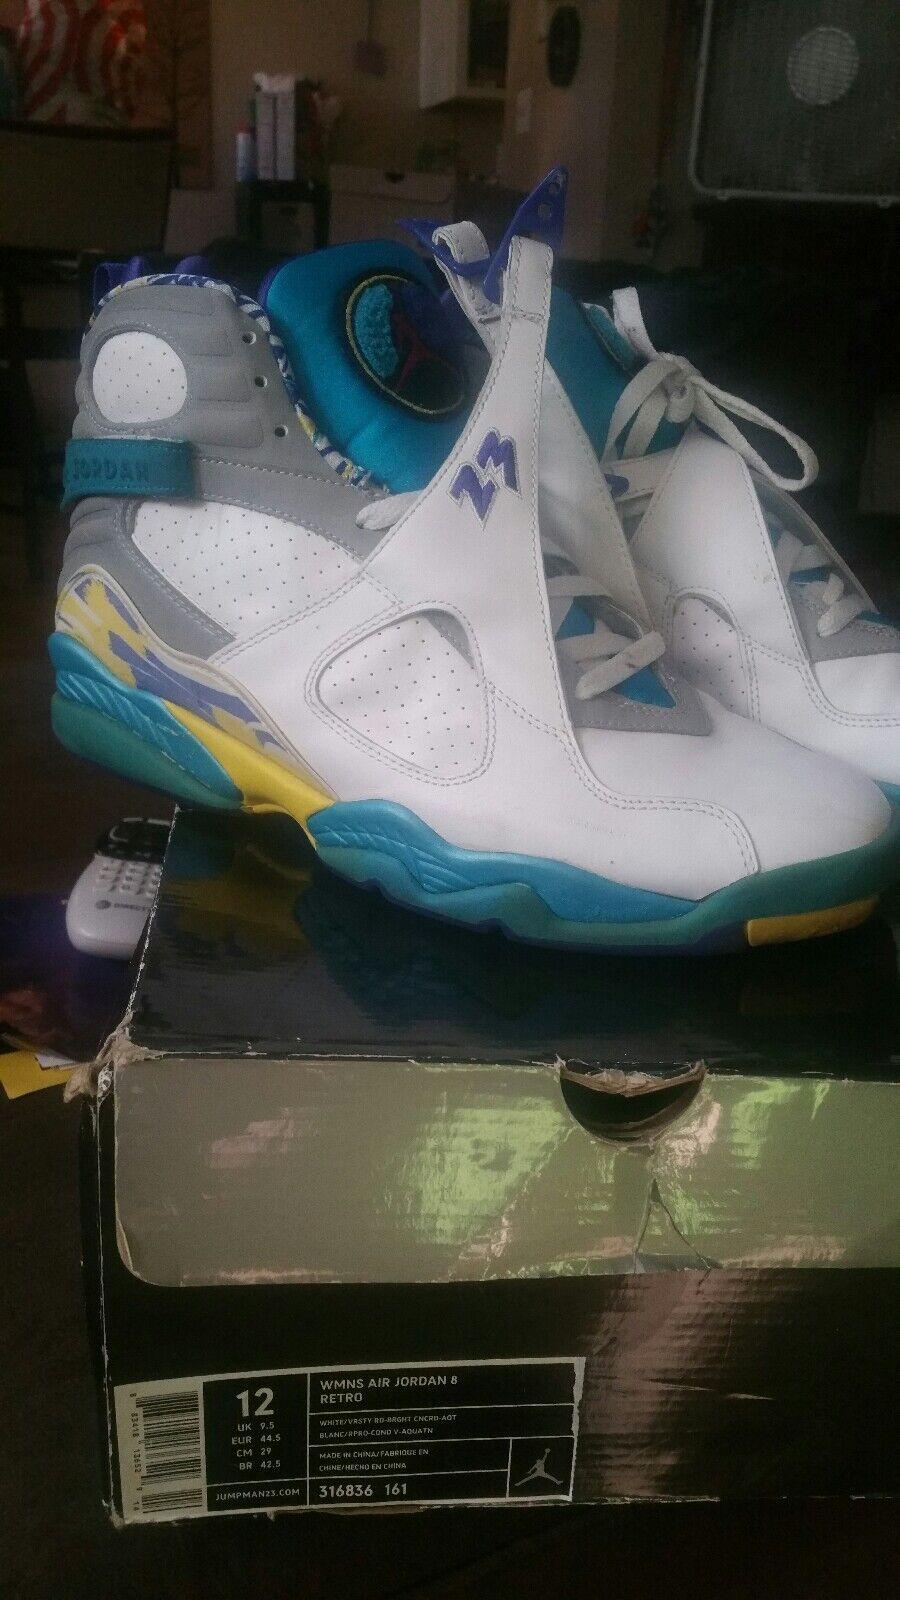 sneakers men jordan size size size 12 ce1a48